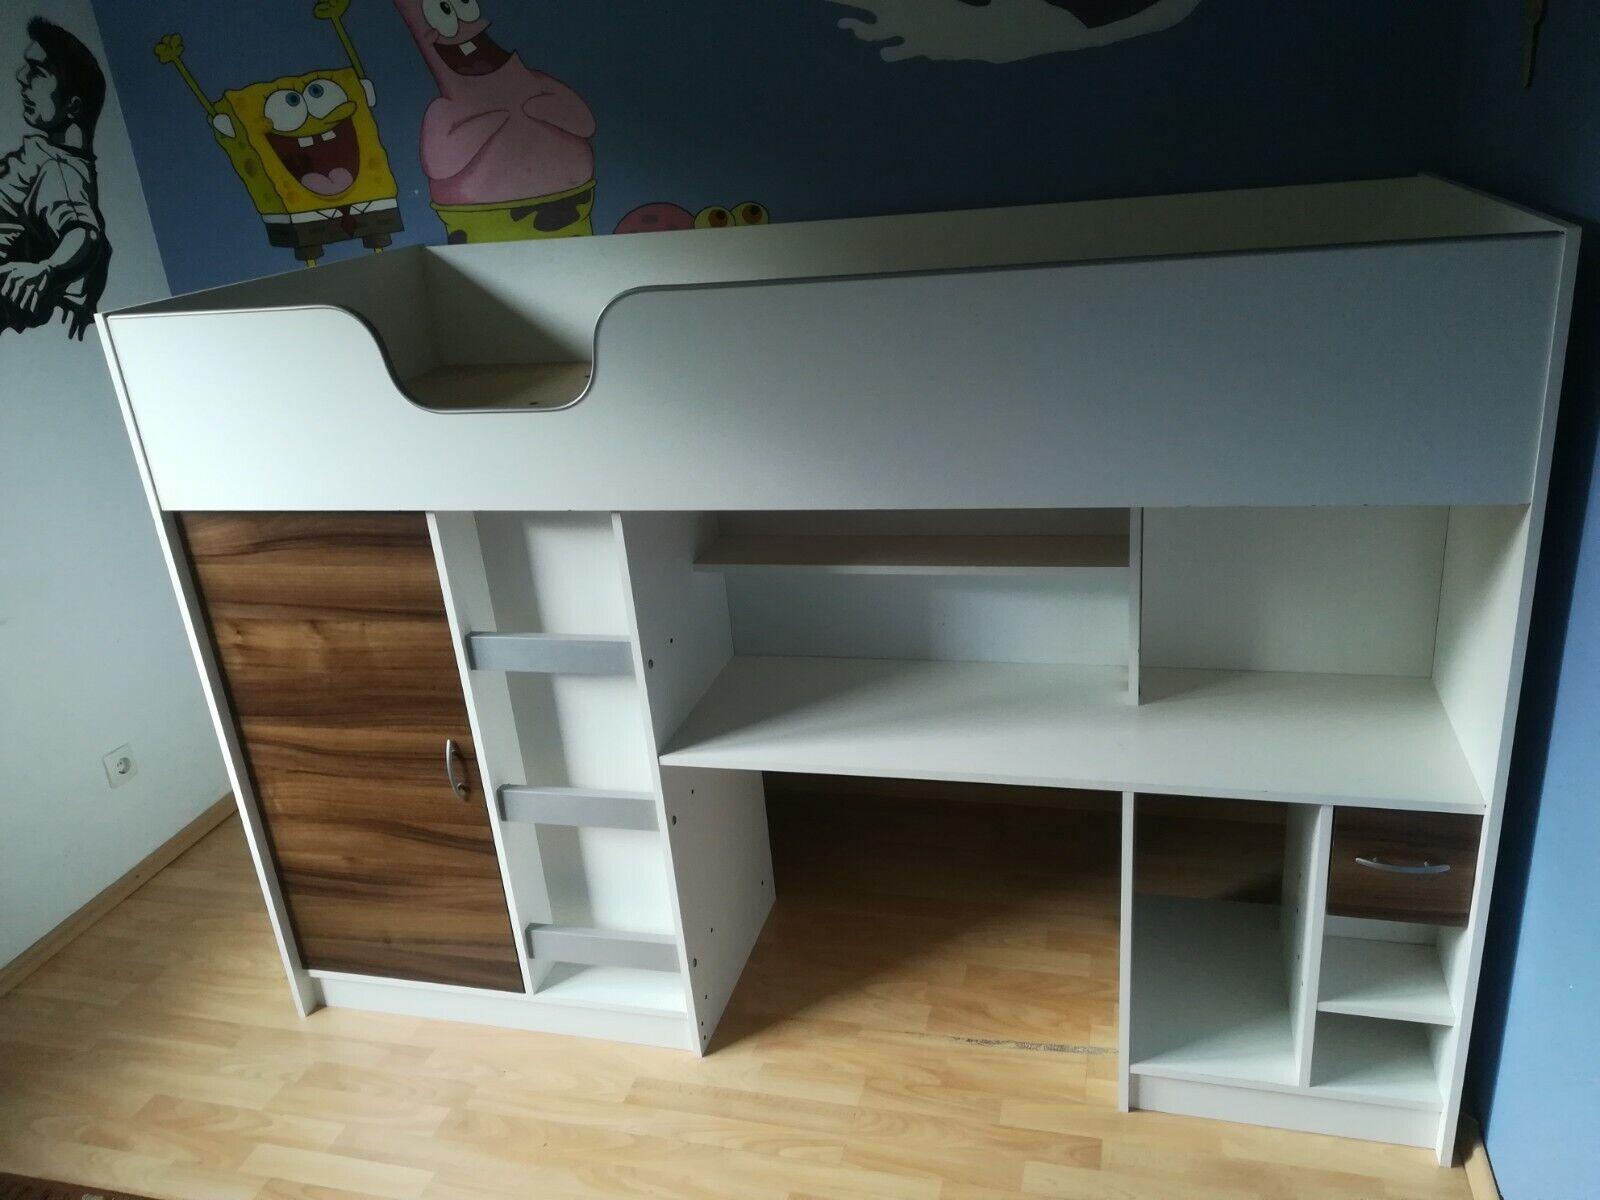 Kinder Halbhoch system Bett von Otto 110 €